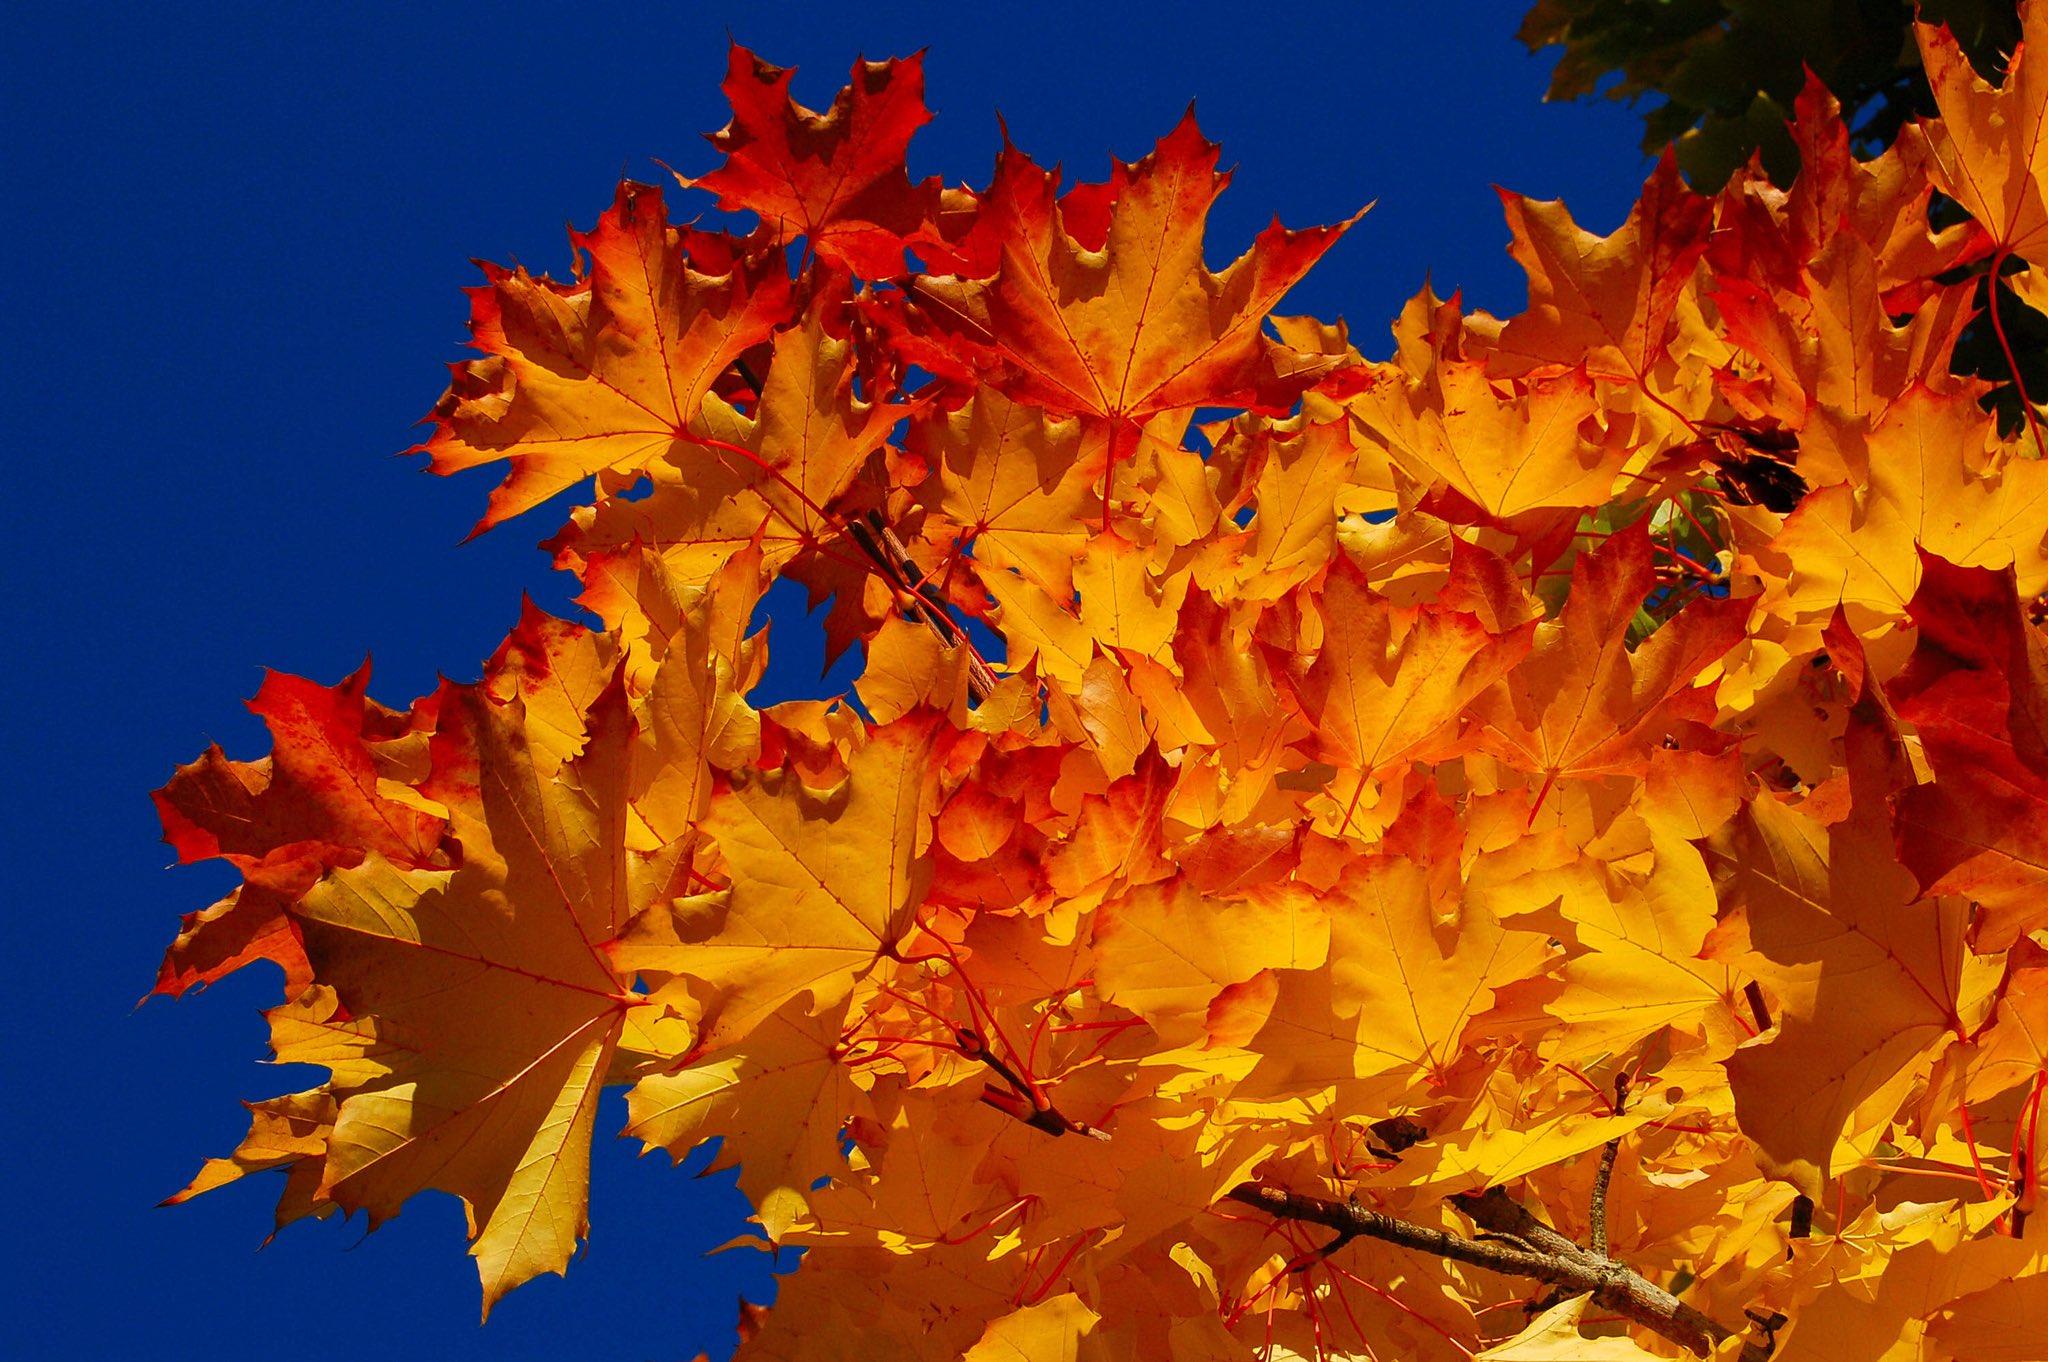 Картинки с осенней листвой, люд картинках